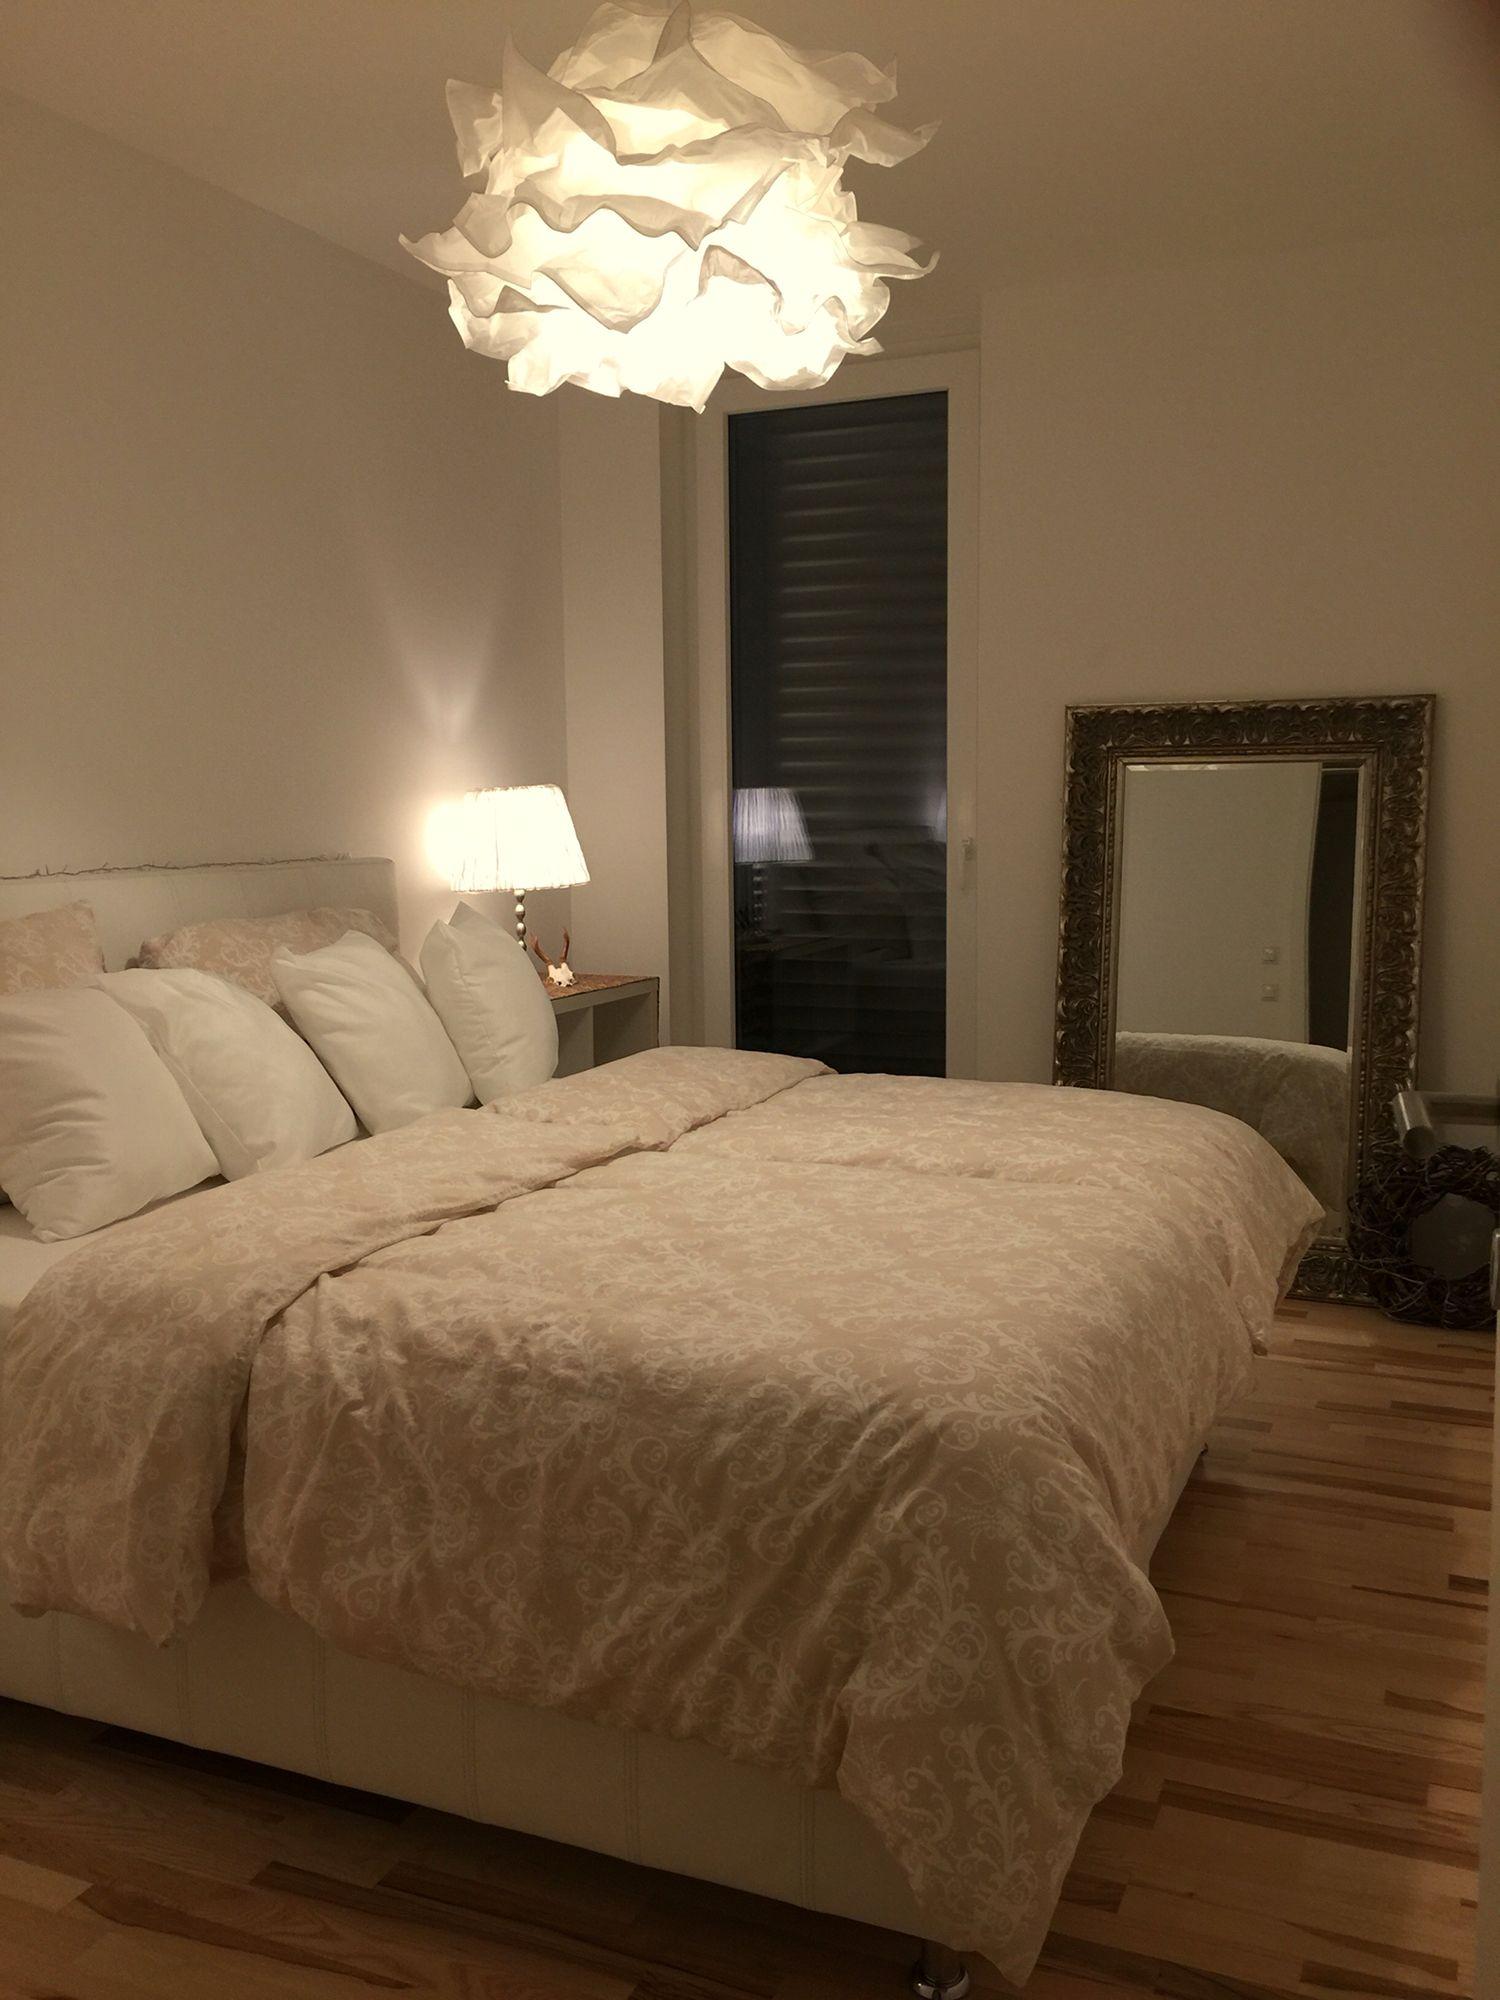 Full Size of Lampen Wohnzimmer Decke Ikea Deckenlampen Modern Küche Kaufen Stehleuchte Teppiche Kommode Liege Designer Esstisch Deckenleuchten Bilder Fürs Betten 160x200 Wohnzimmer Lampen Wohnzimmer Decke Ikea